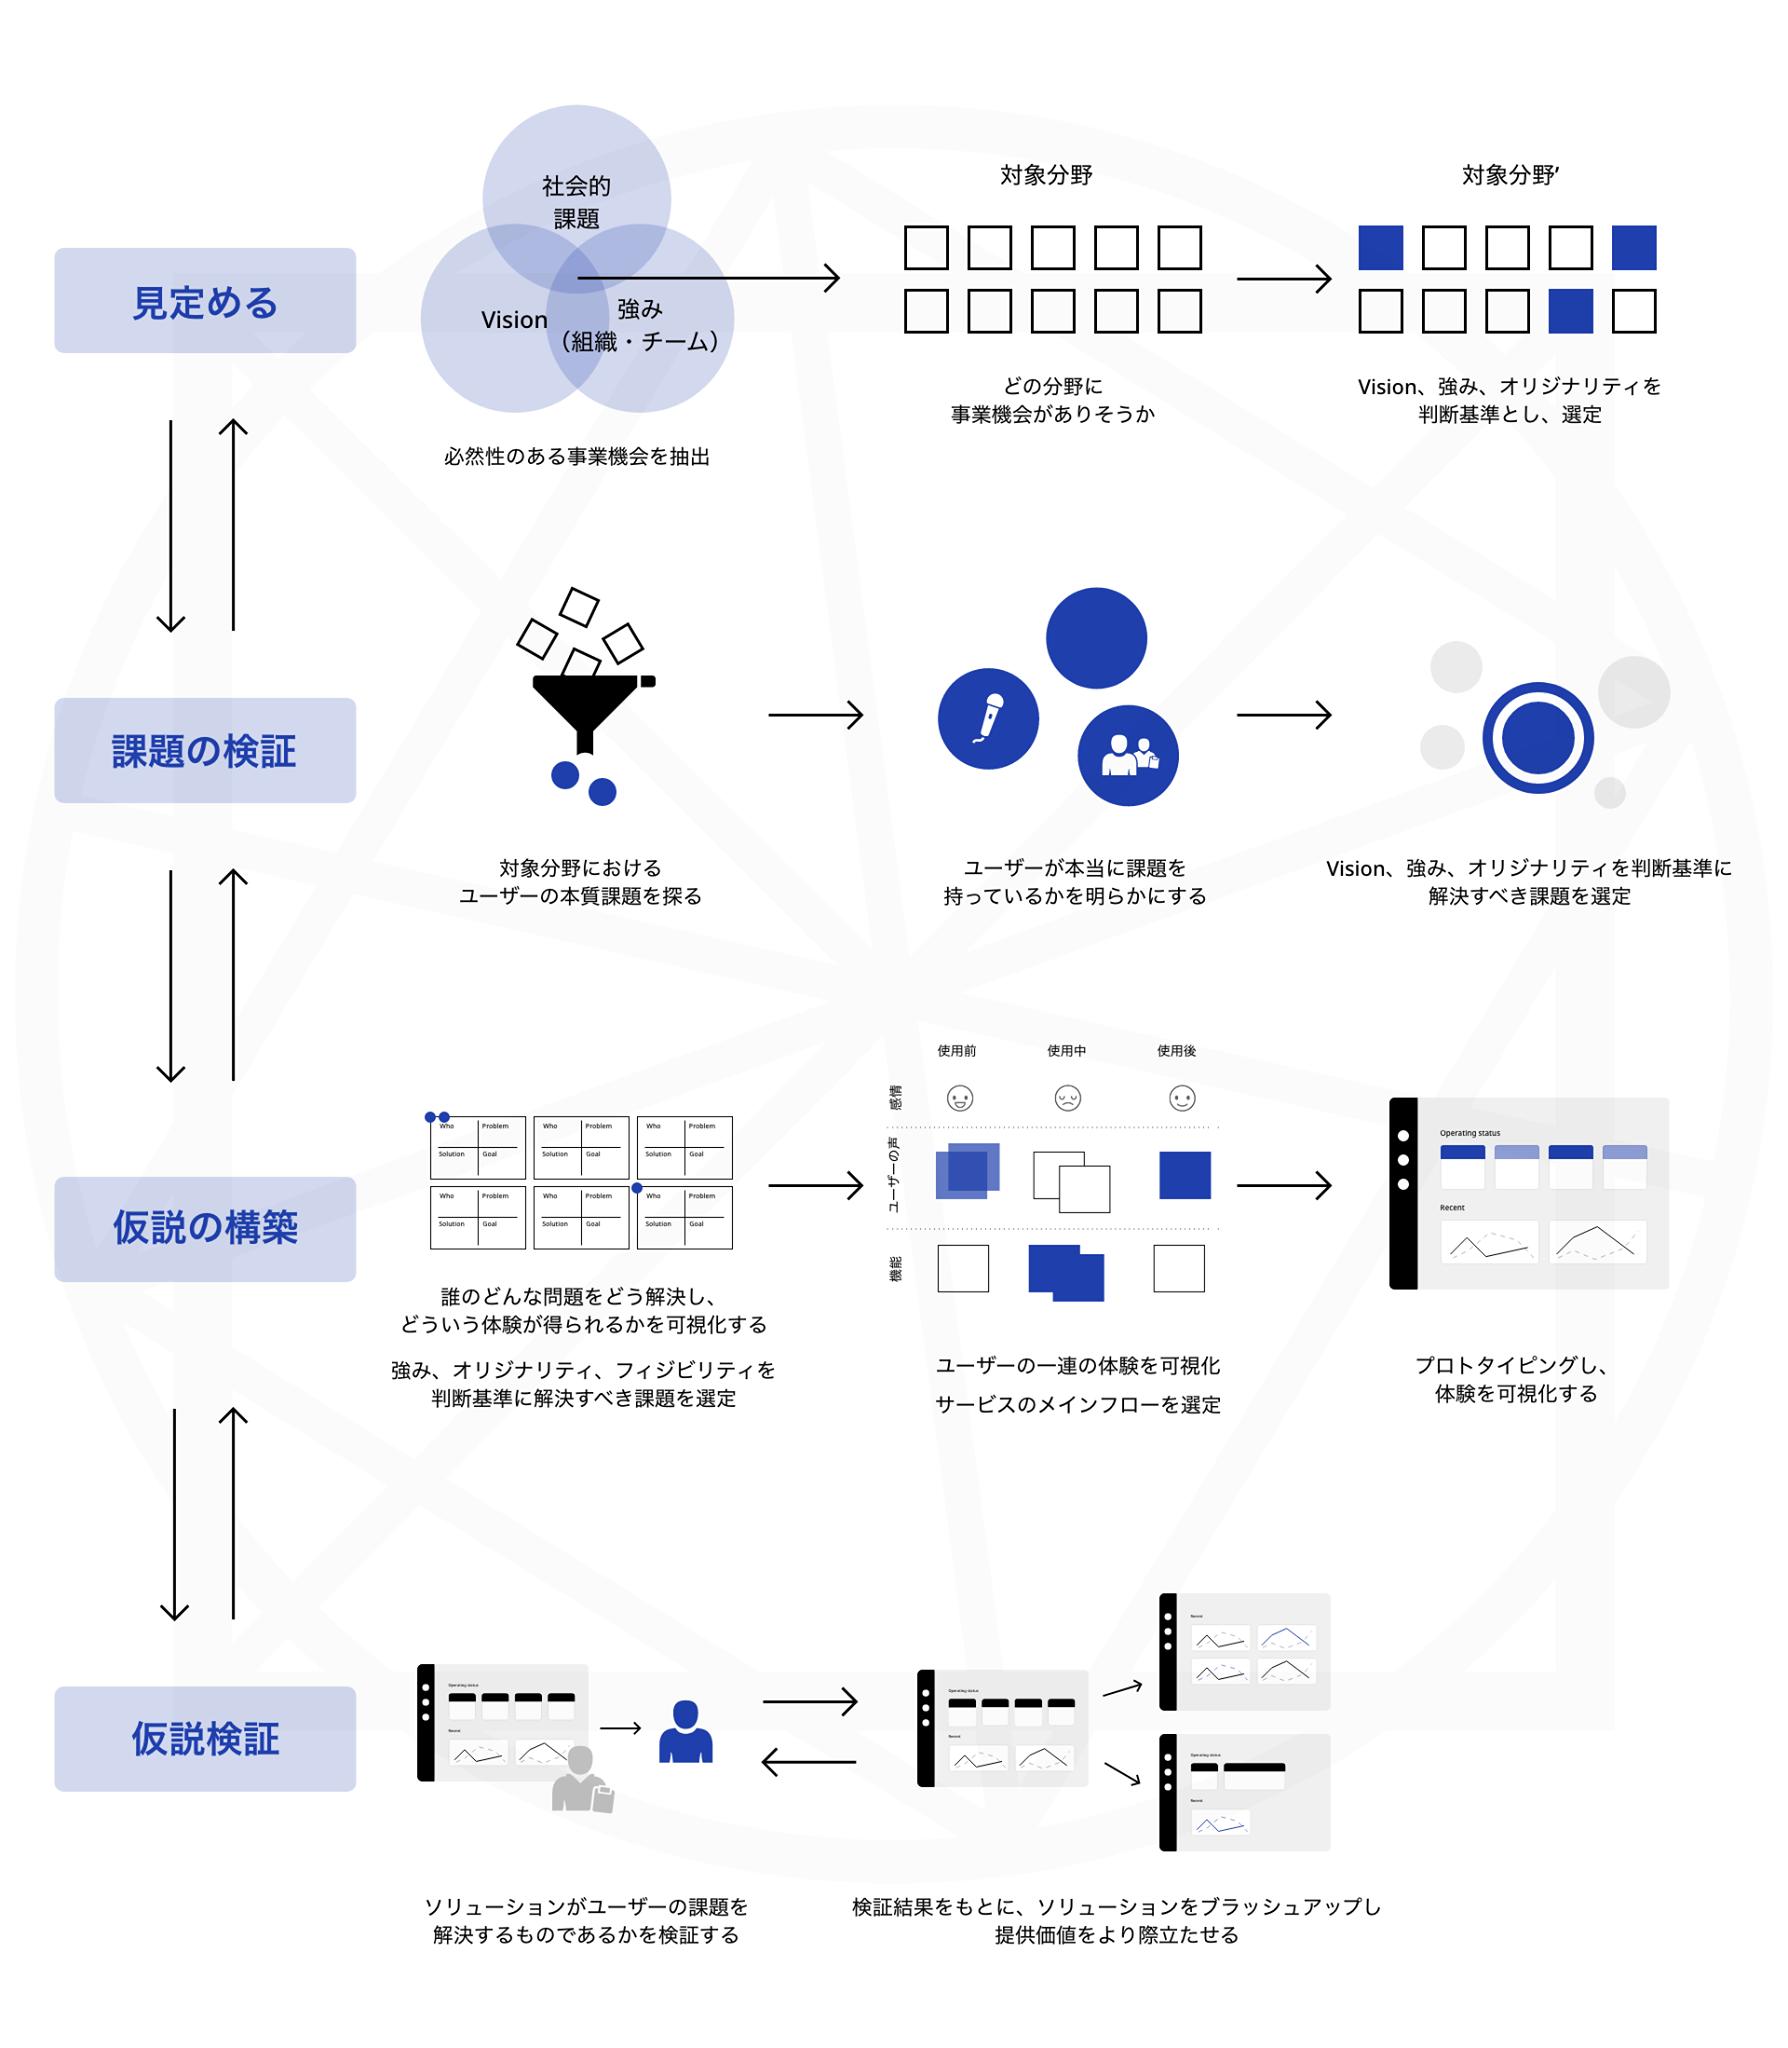 ZEPPELINがロードマップとして活用している事業開発の図。